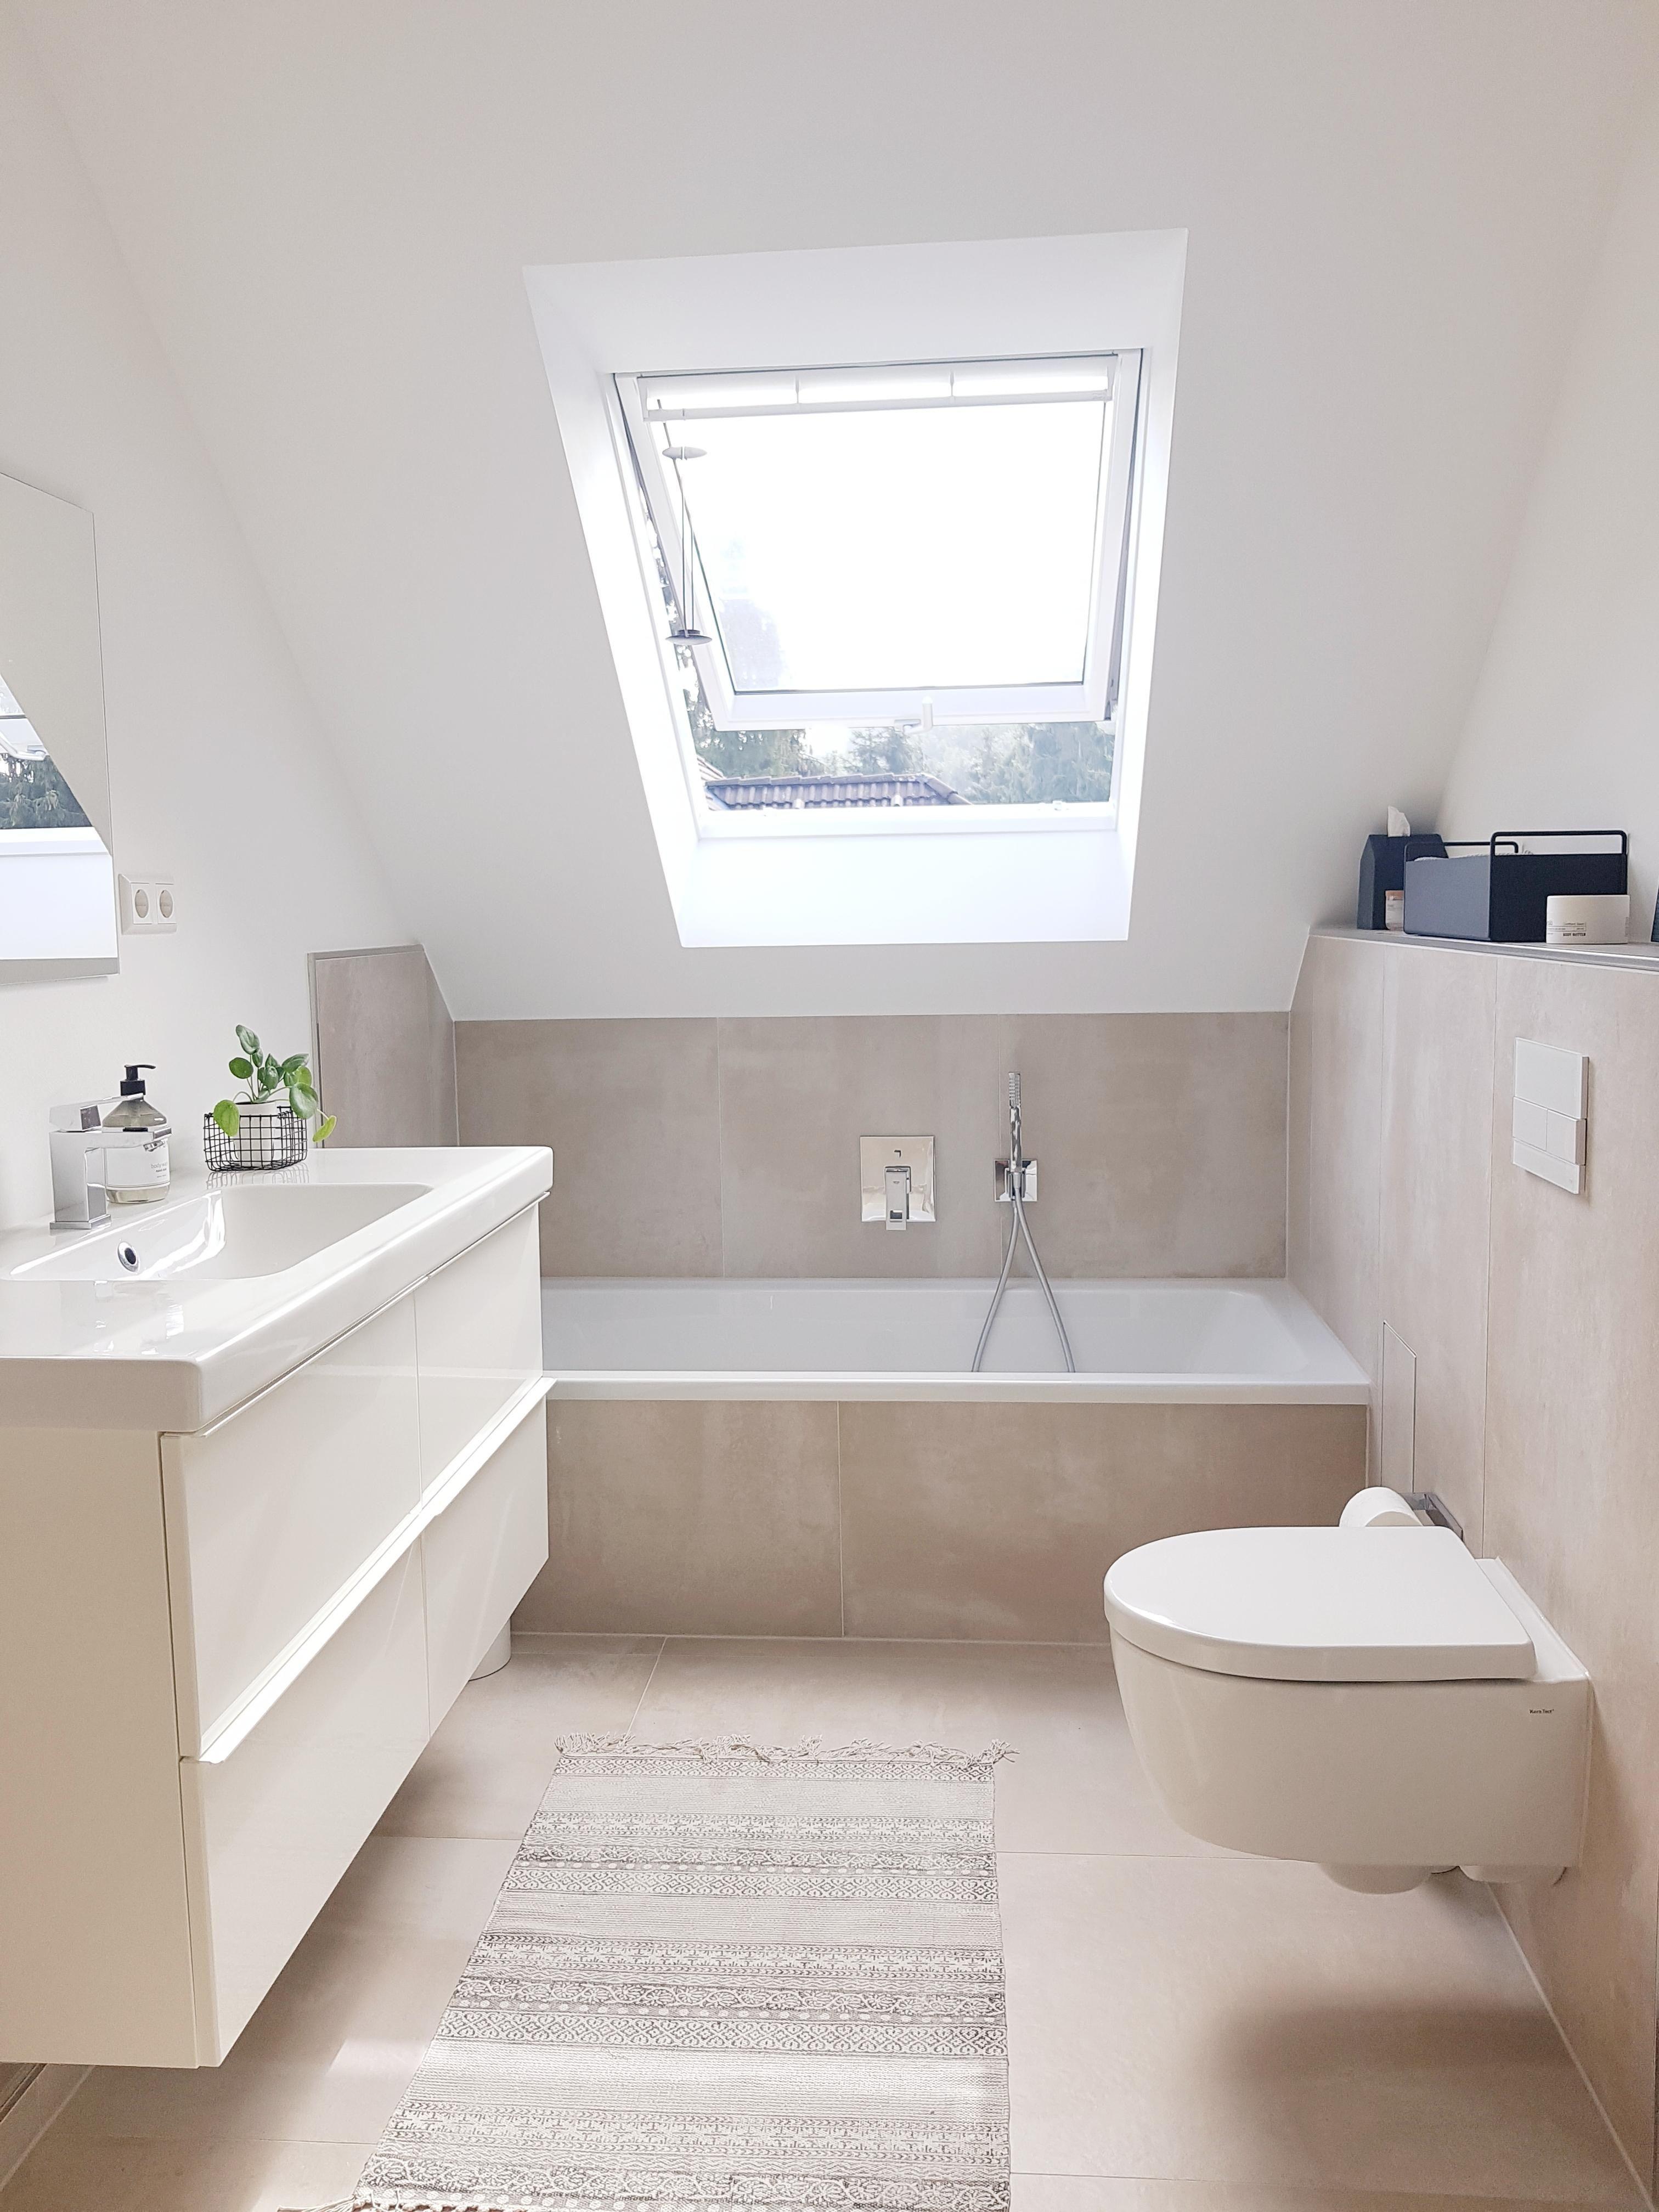 36+Unser renoviertes Badezimmer badezimmer bathroomde...